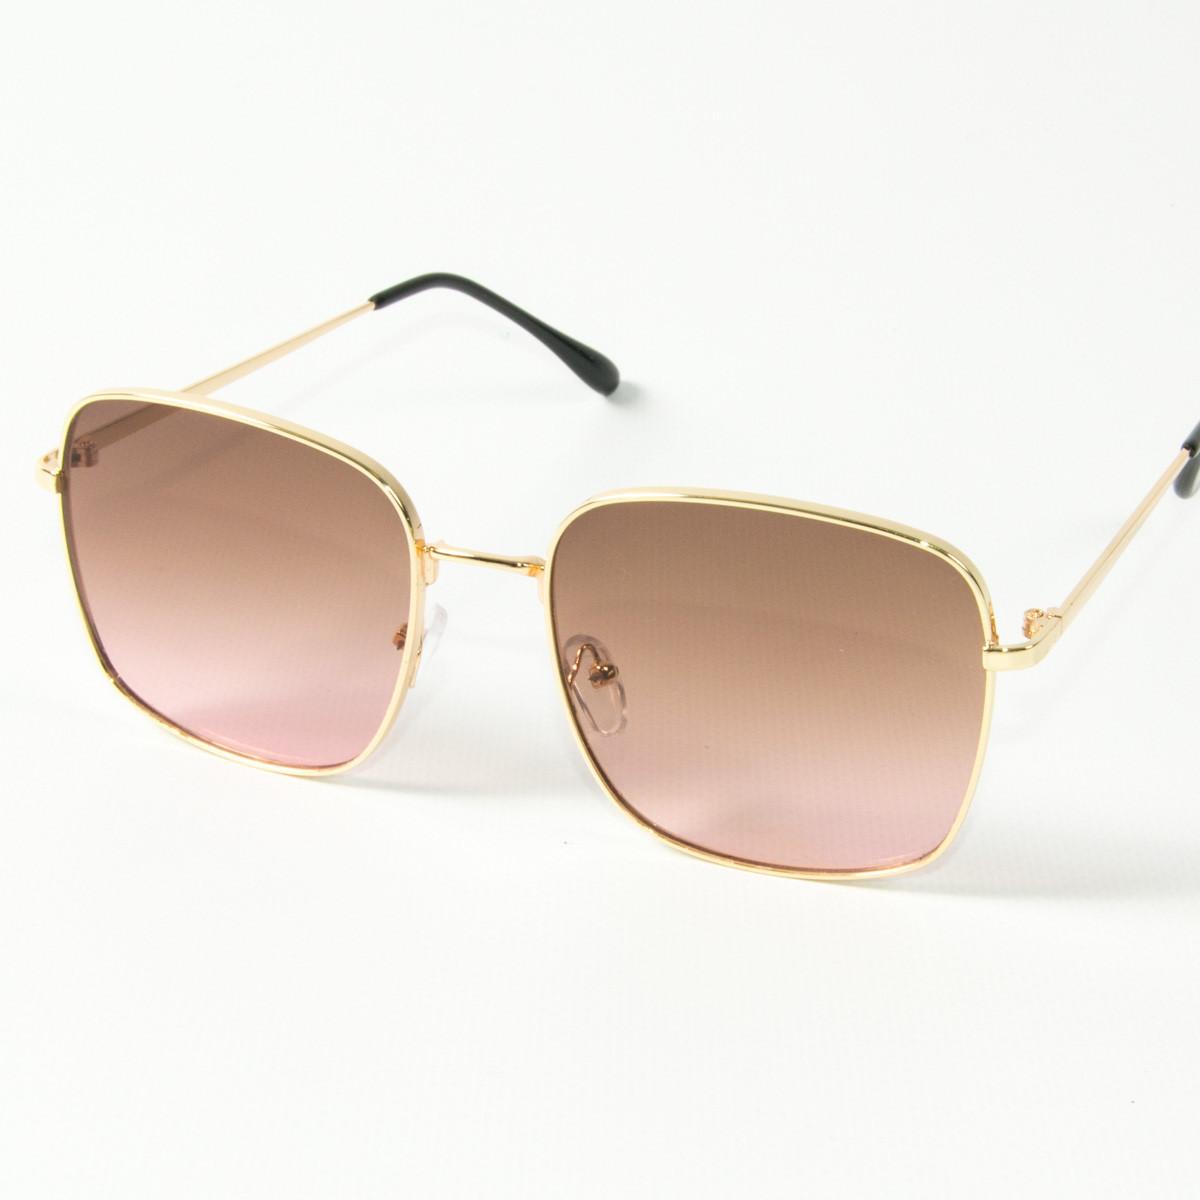 Оптом квадратные  солнцезащитные очки (арт. 80-661/1) коричневые